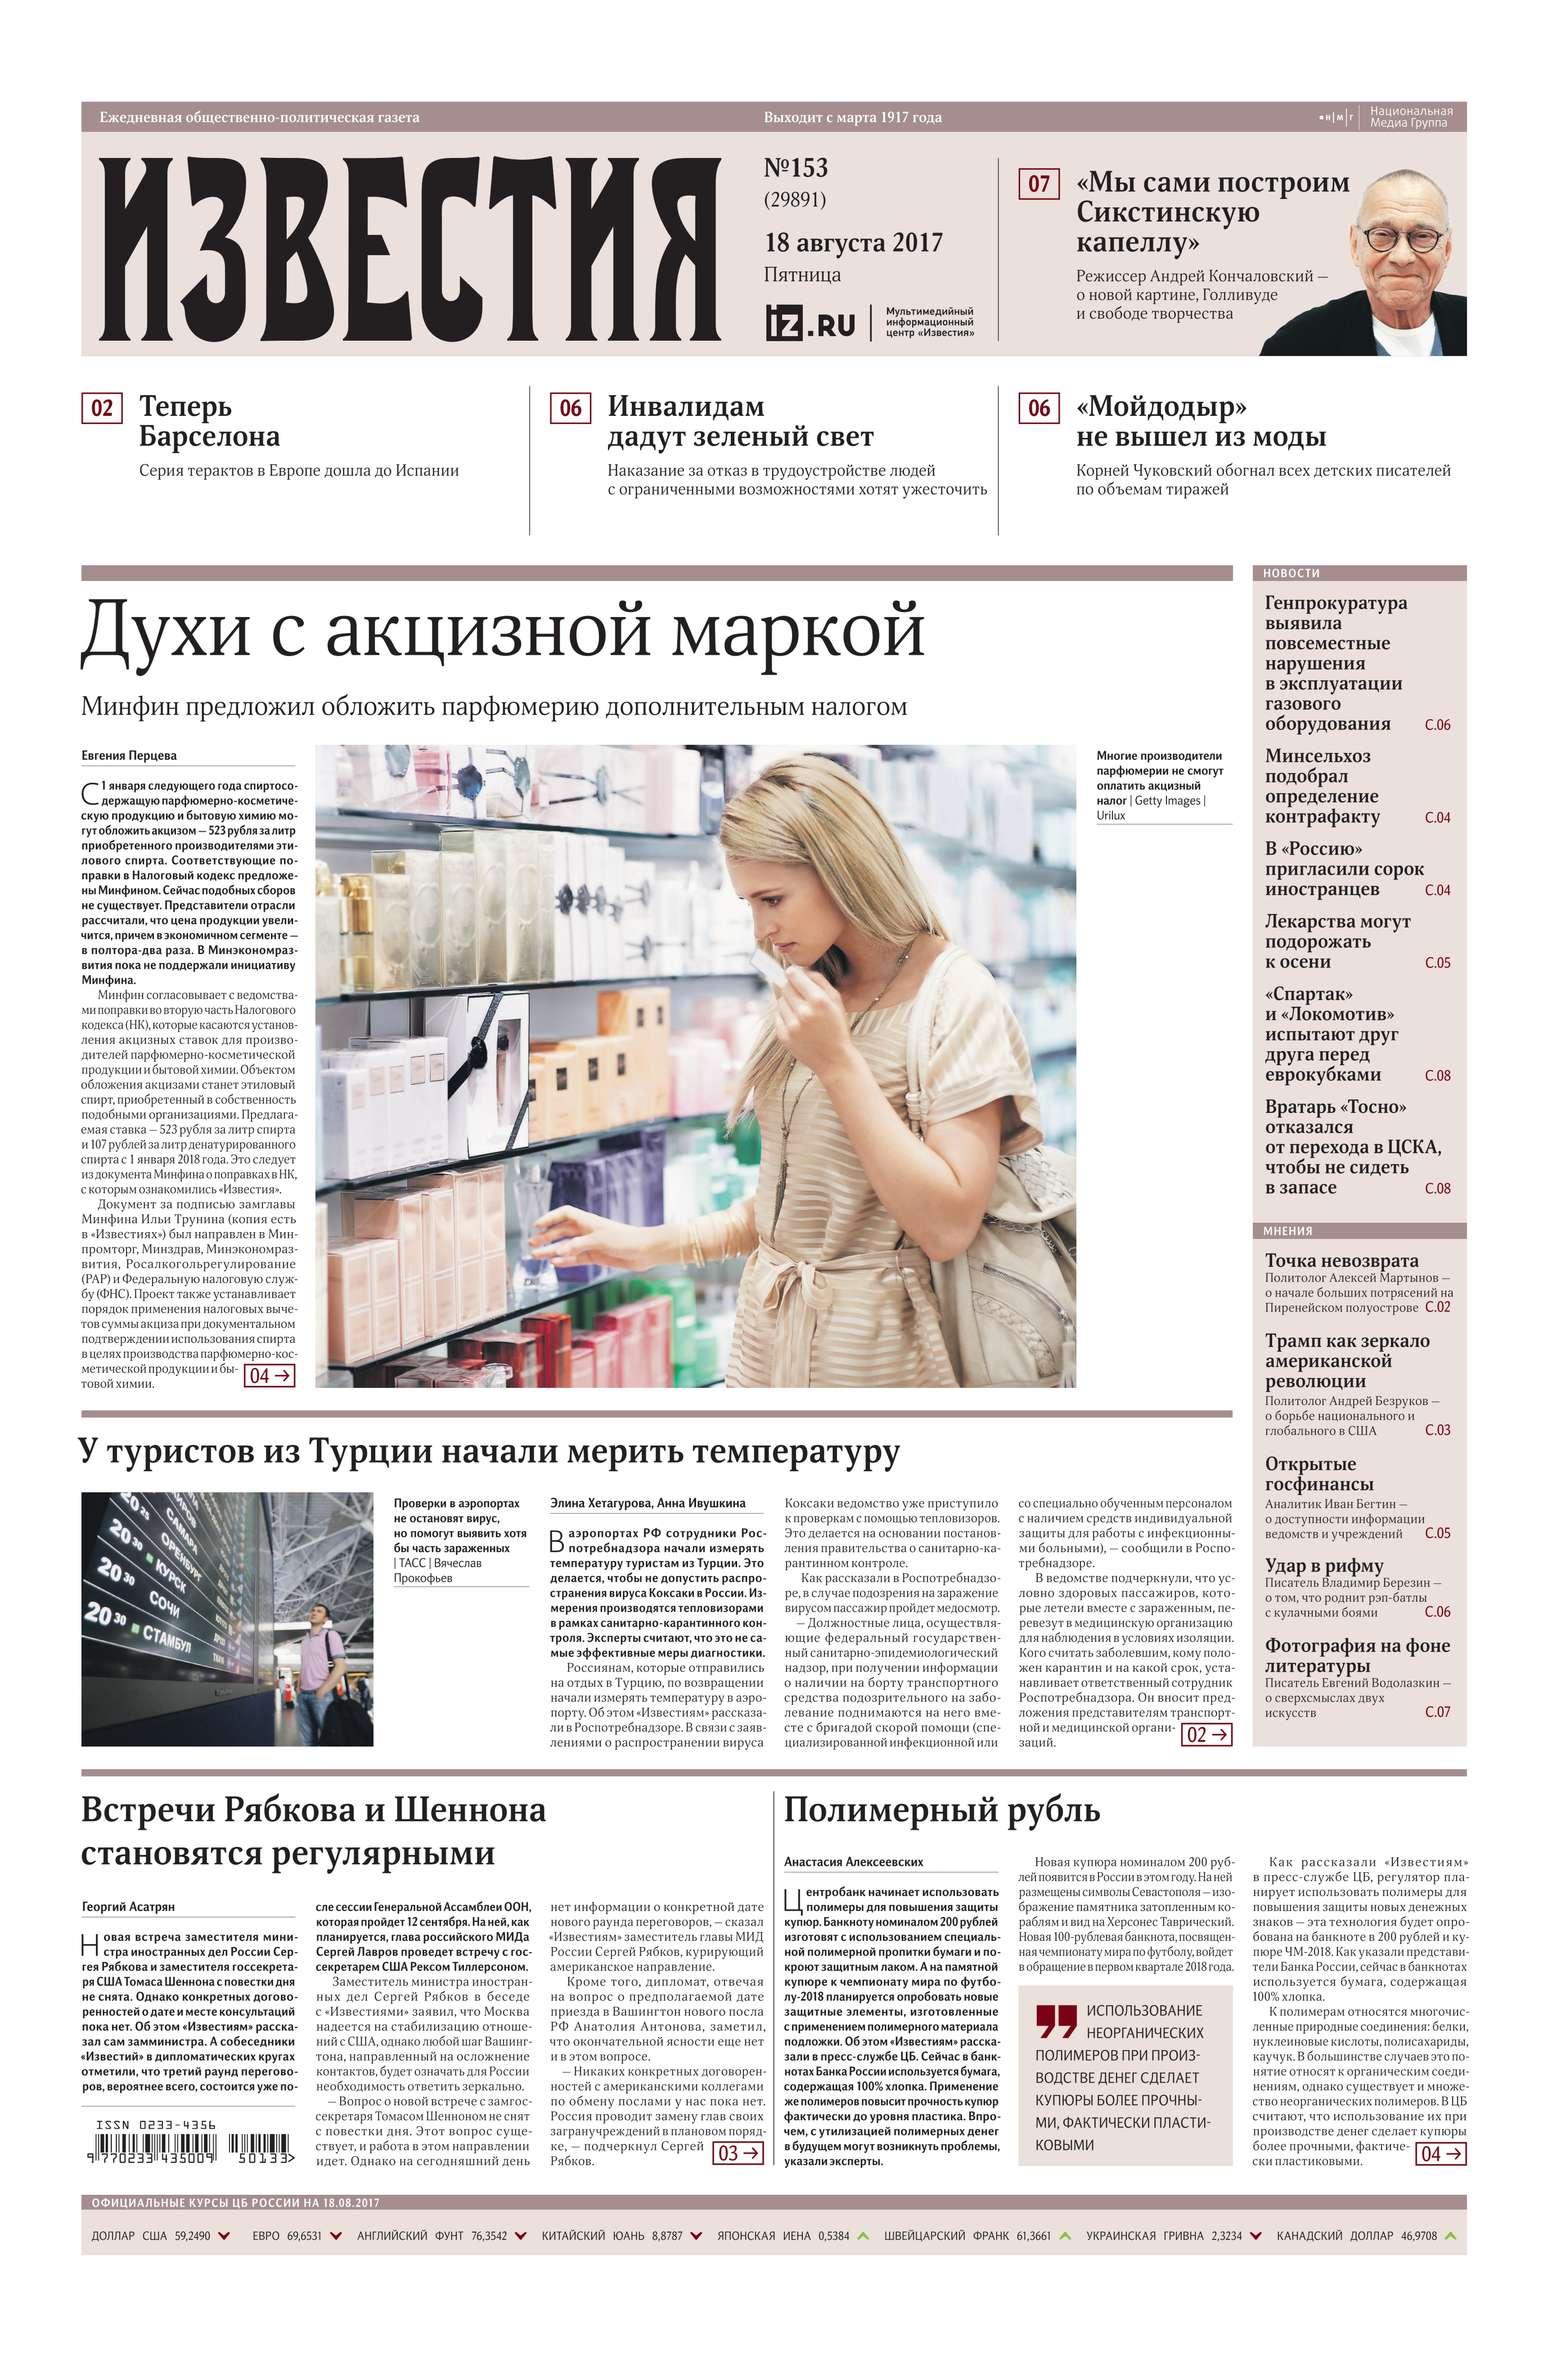 Редакция газеты Известия Известия 153-2017 цена